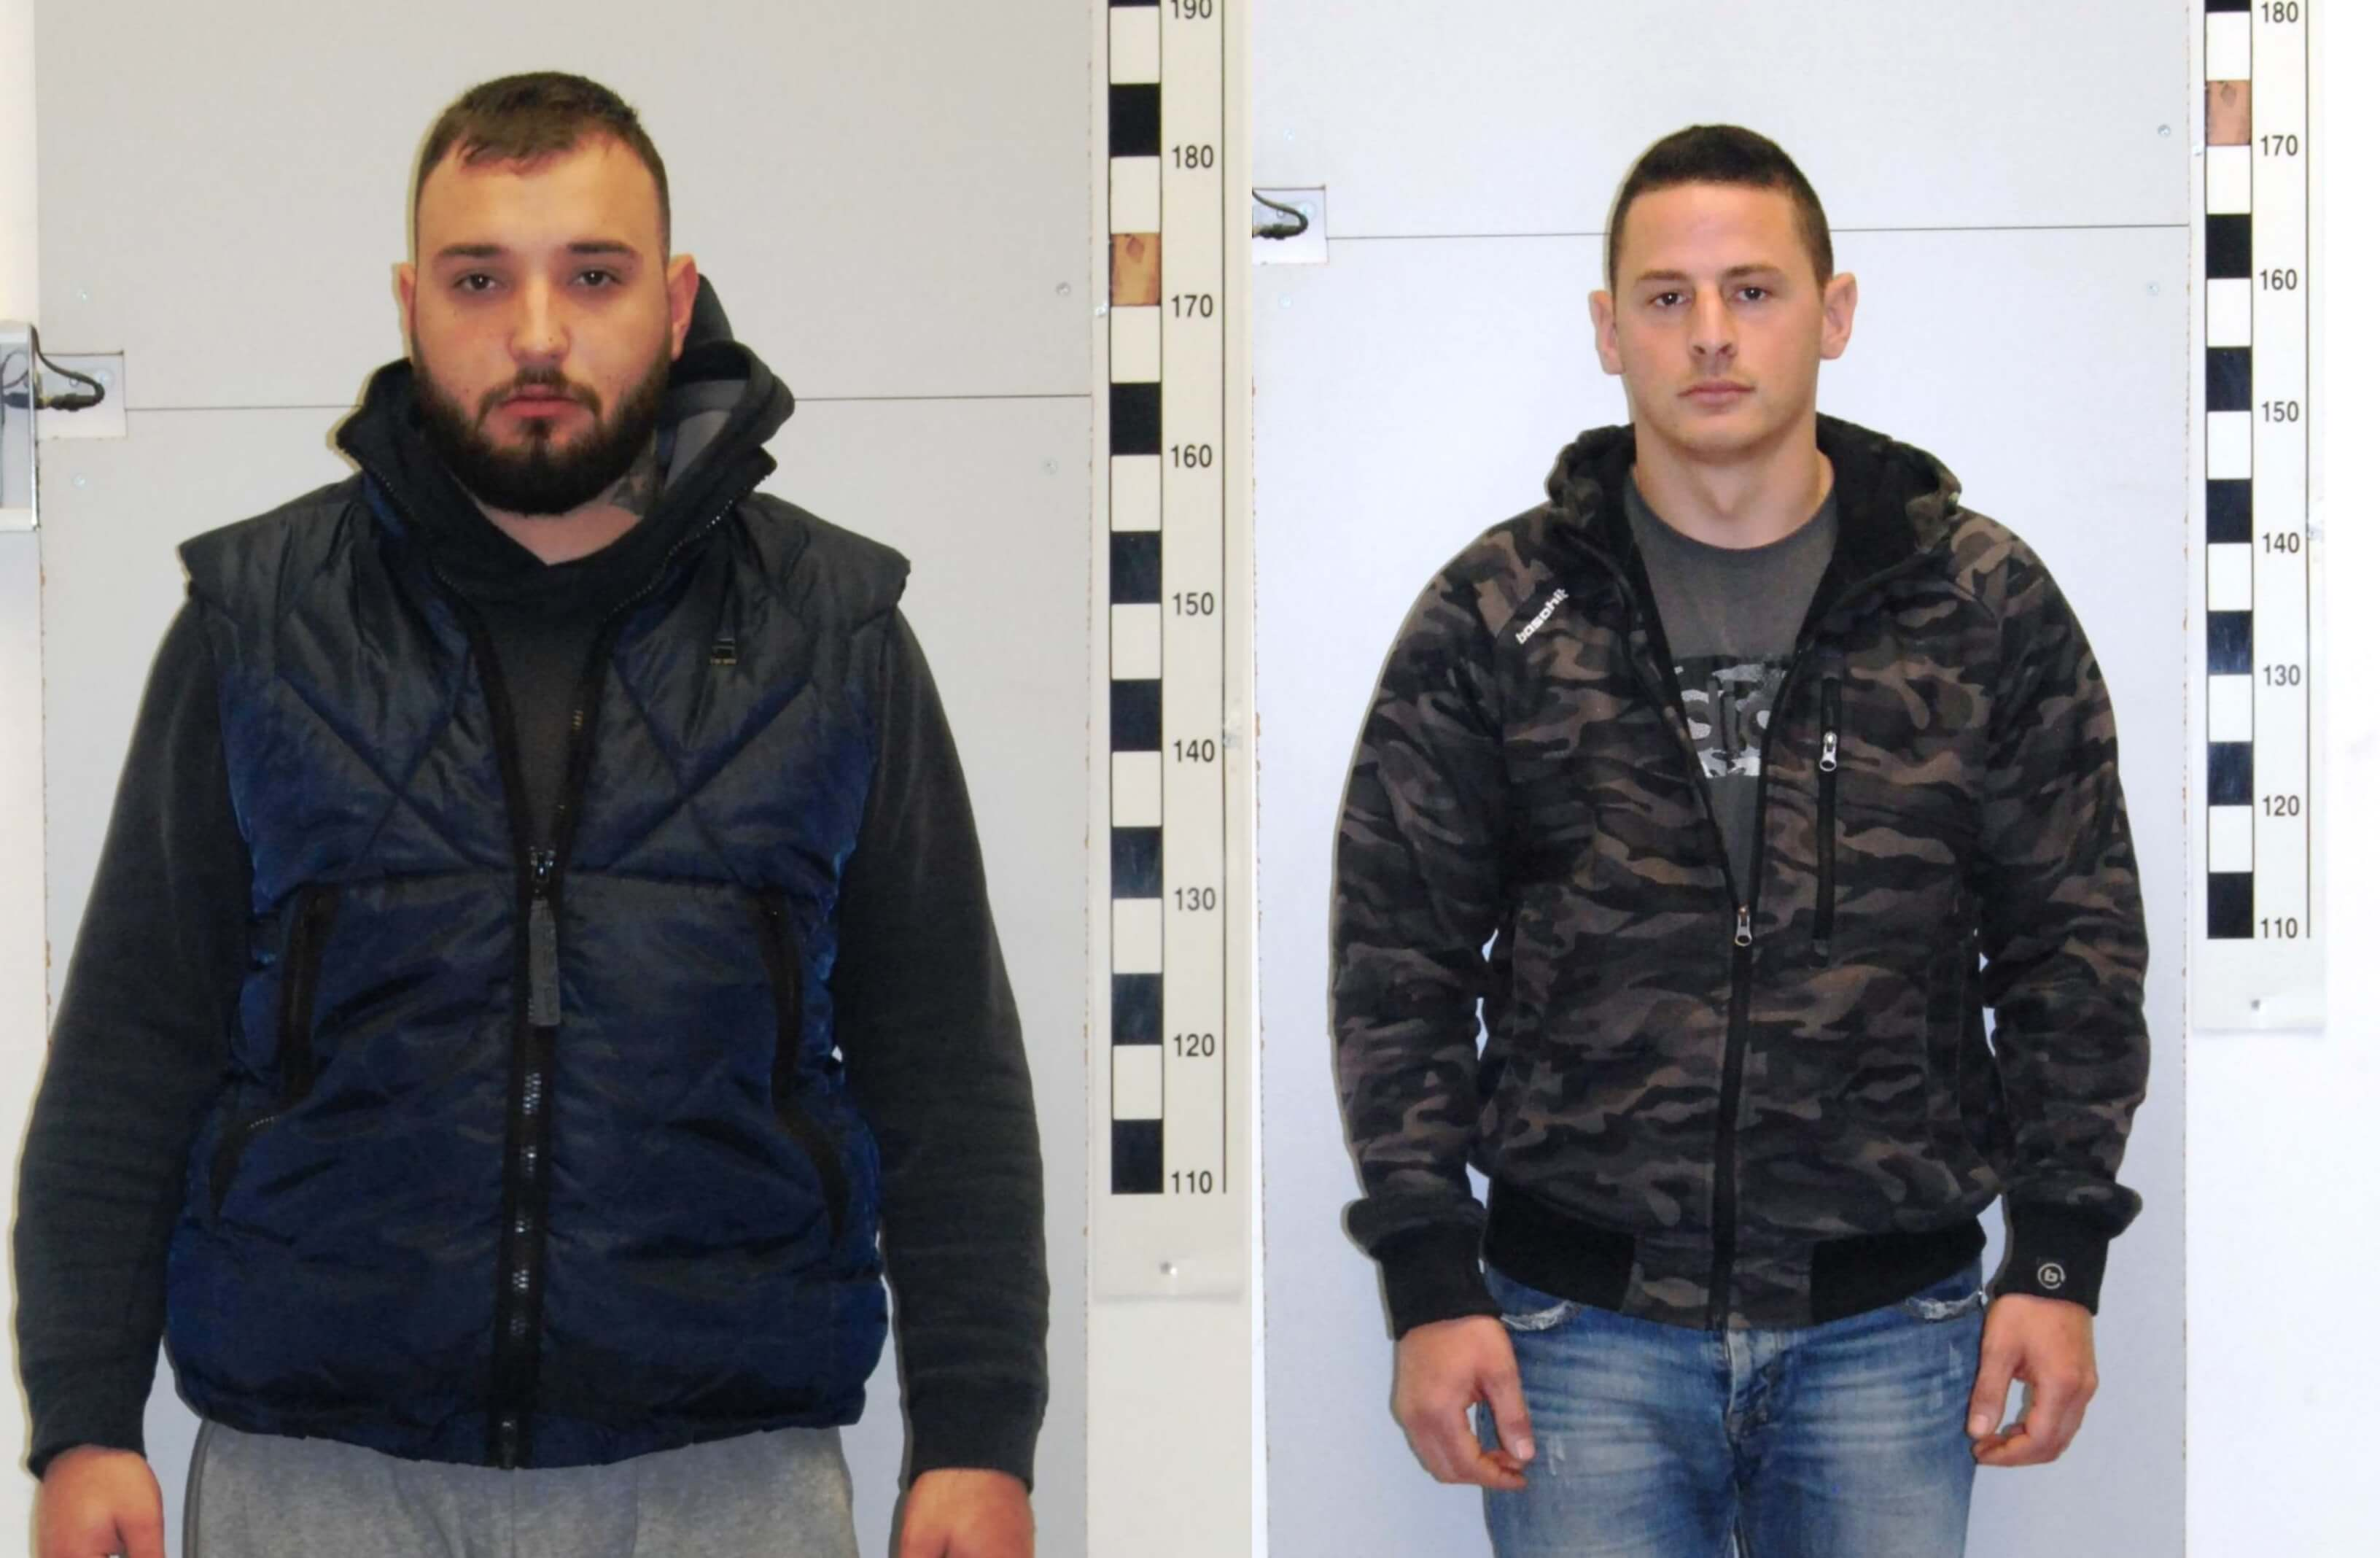 Αυτά είναι τα δύο μέλη σπείρας που έκαναν κλοπές εξαρτημάτων σε οχήματα στα νότια προάστια